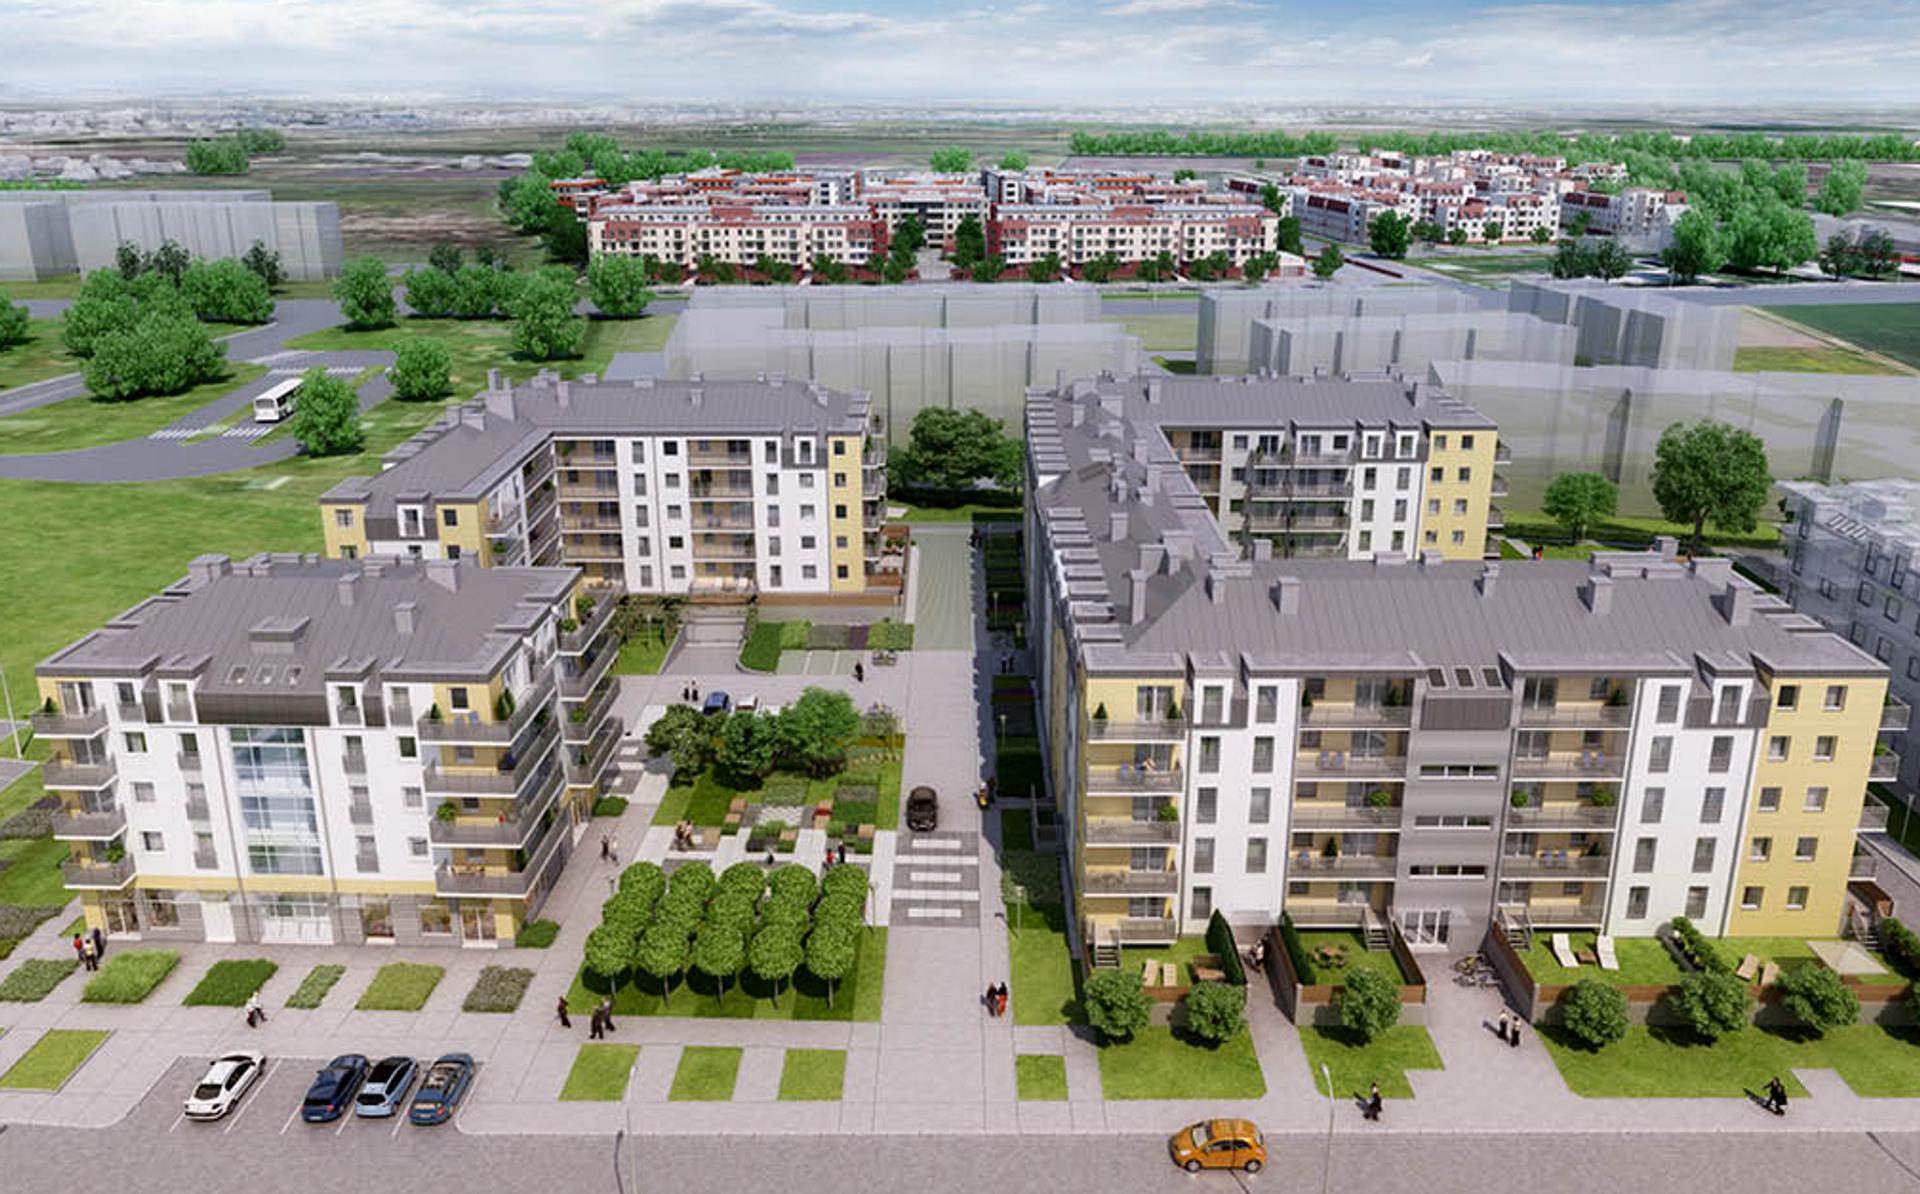 [Wrocław] Archicom wprowadził do sprzedaży nowe etapy osiedli Słoneczne Stabłowice i Cztery Pory Roku